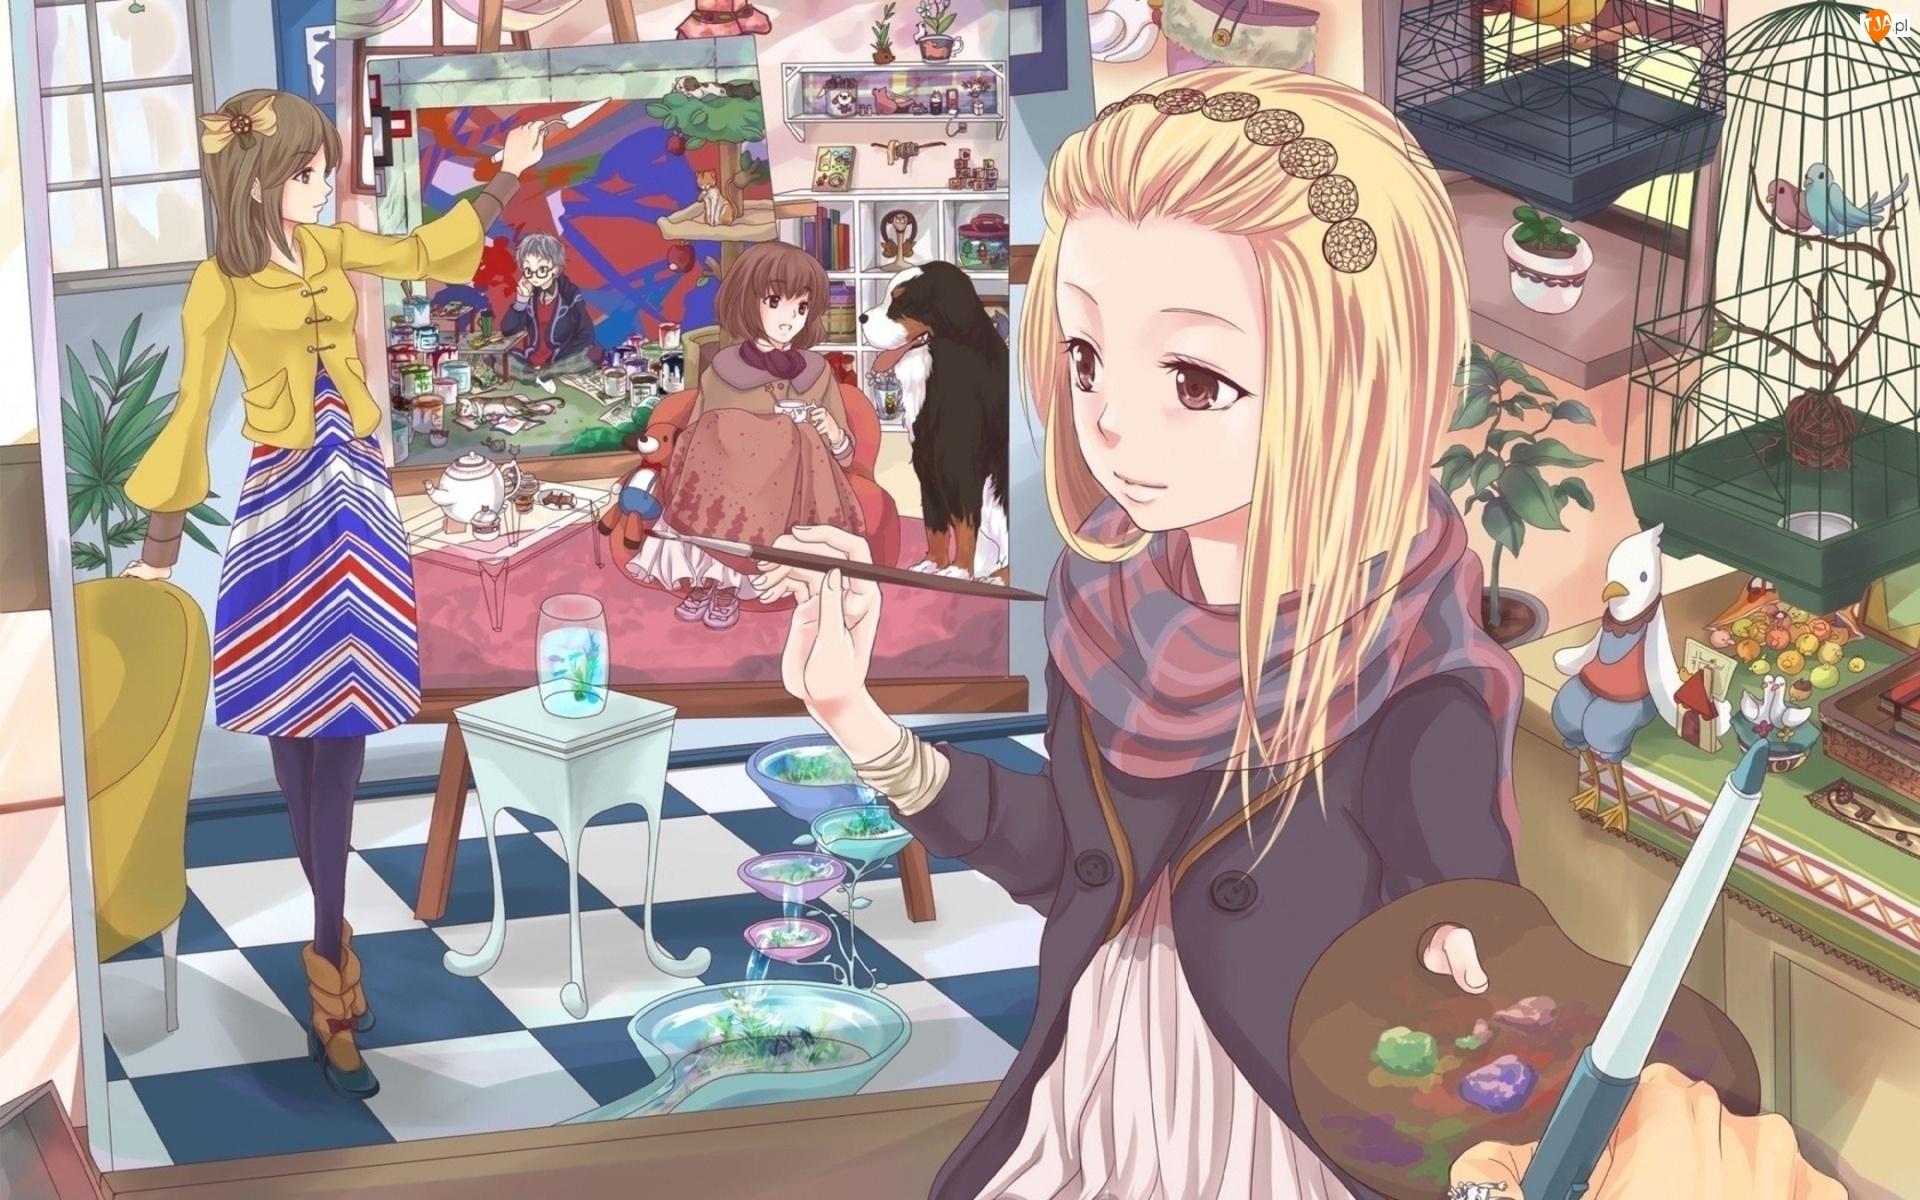 Klatki, Ptaki, Obraz, Anime, Dziewczyny, Fantasy, Pies, Manga